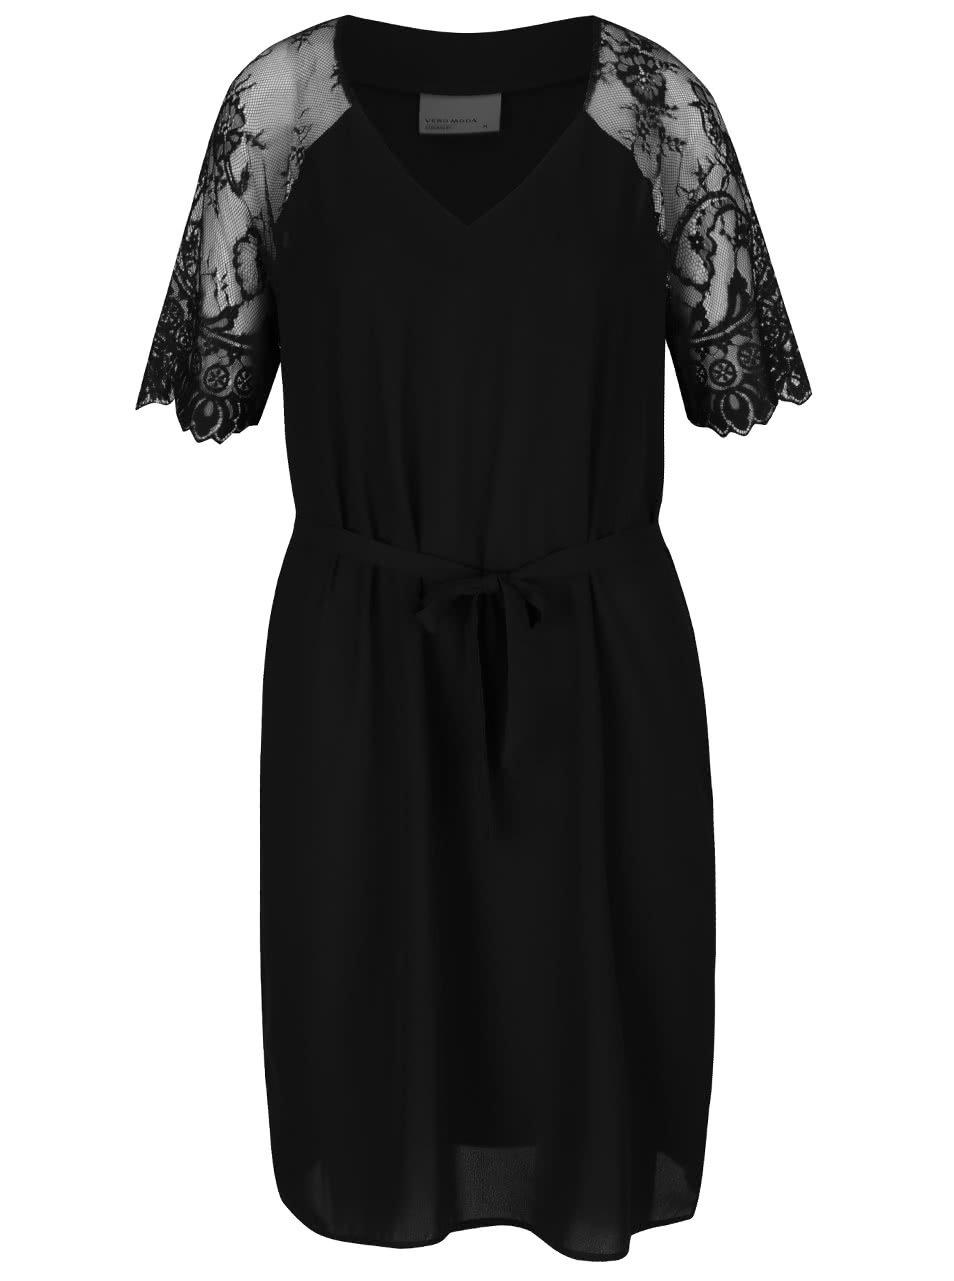 Černé šaty s krajkovými rukávy a zavazováním v pase Vero Moda Laural